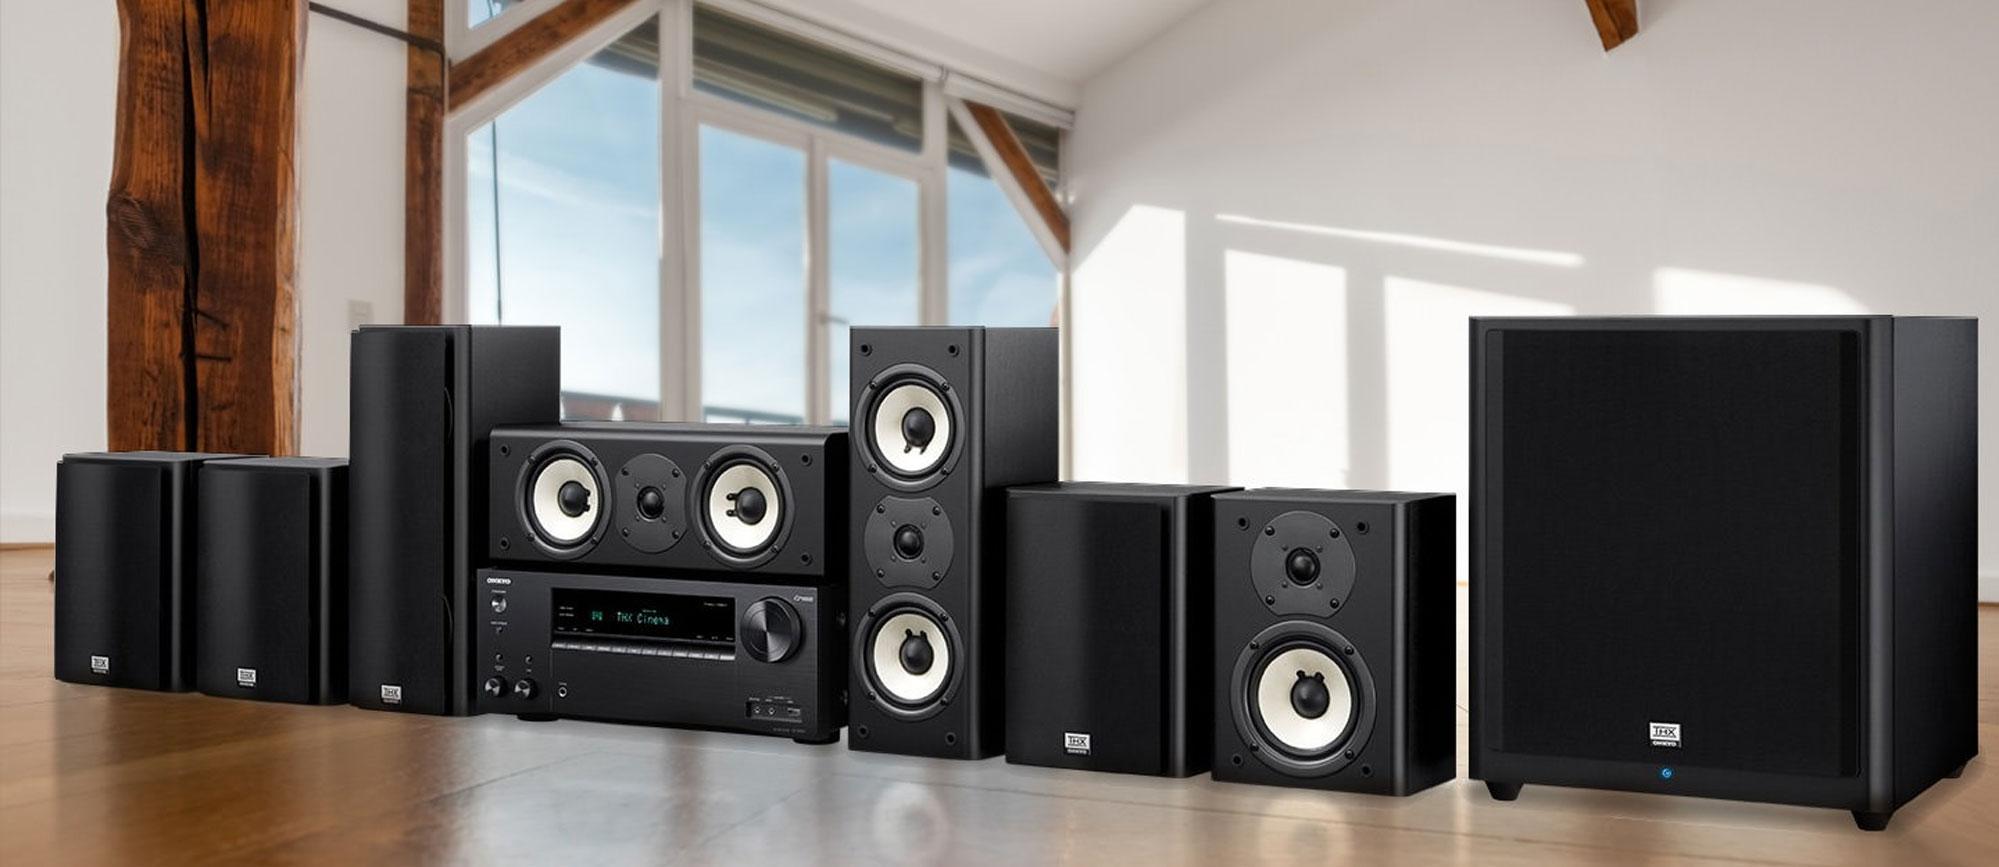 7.1-channel surround sound